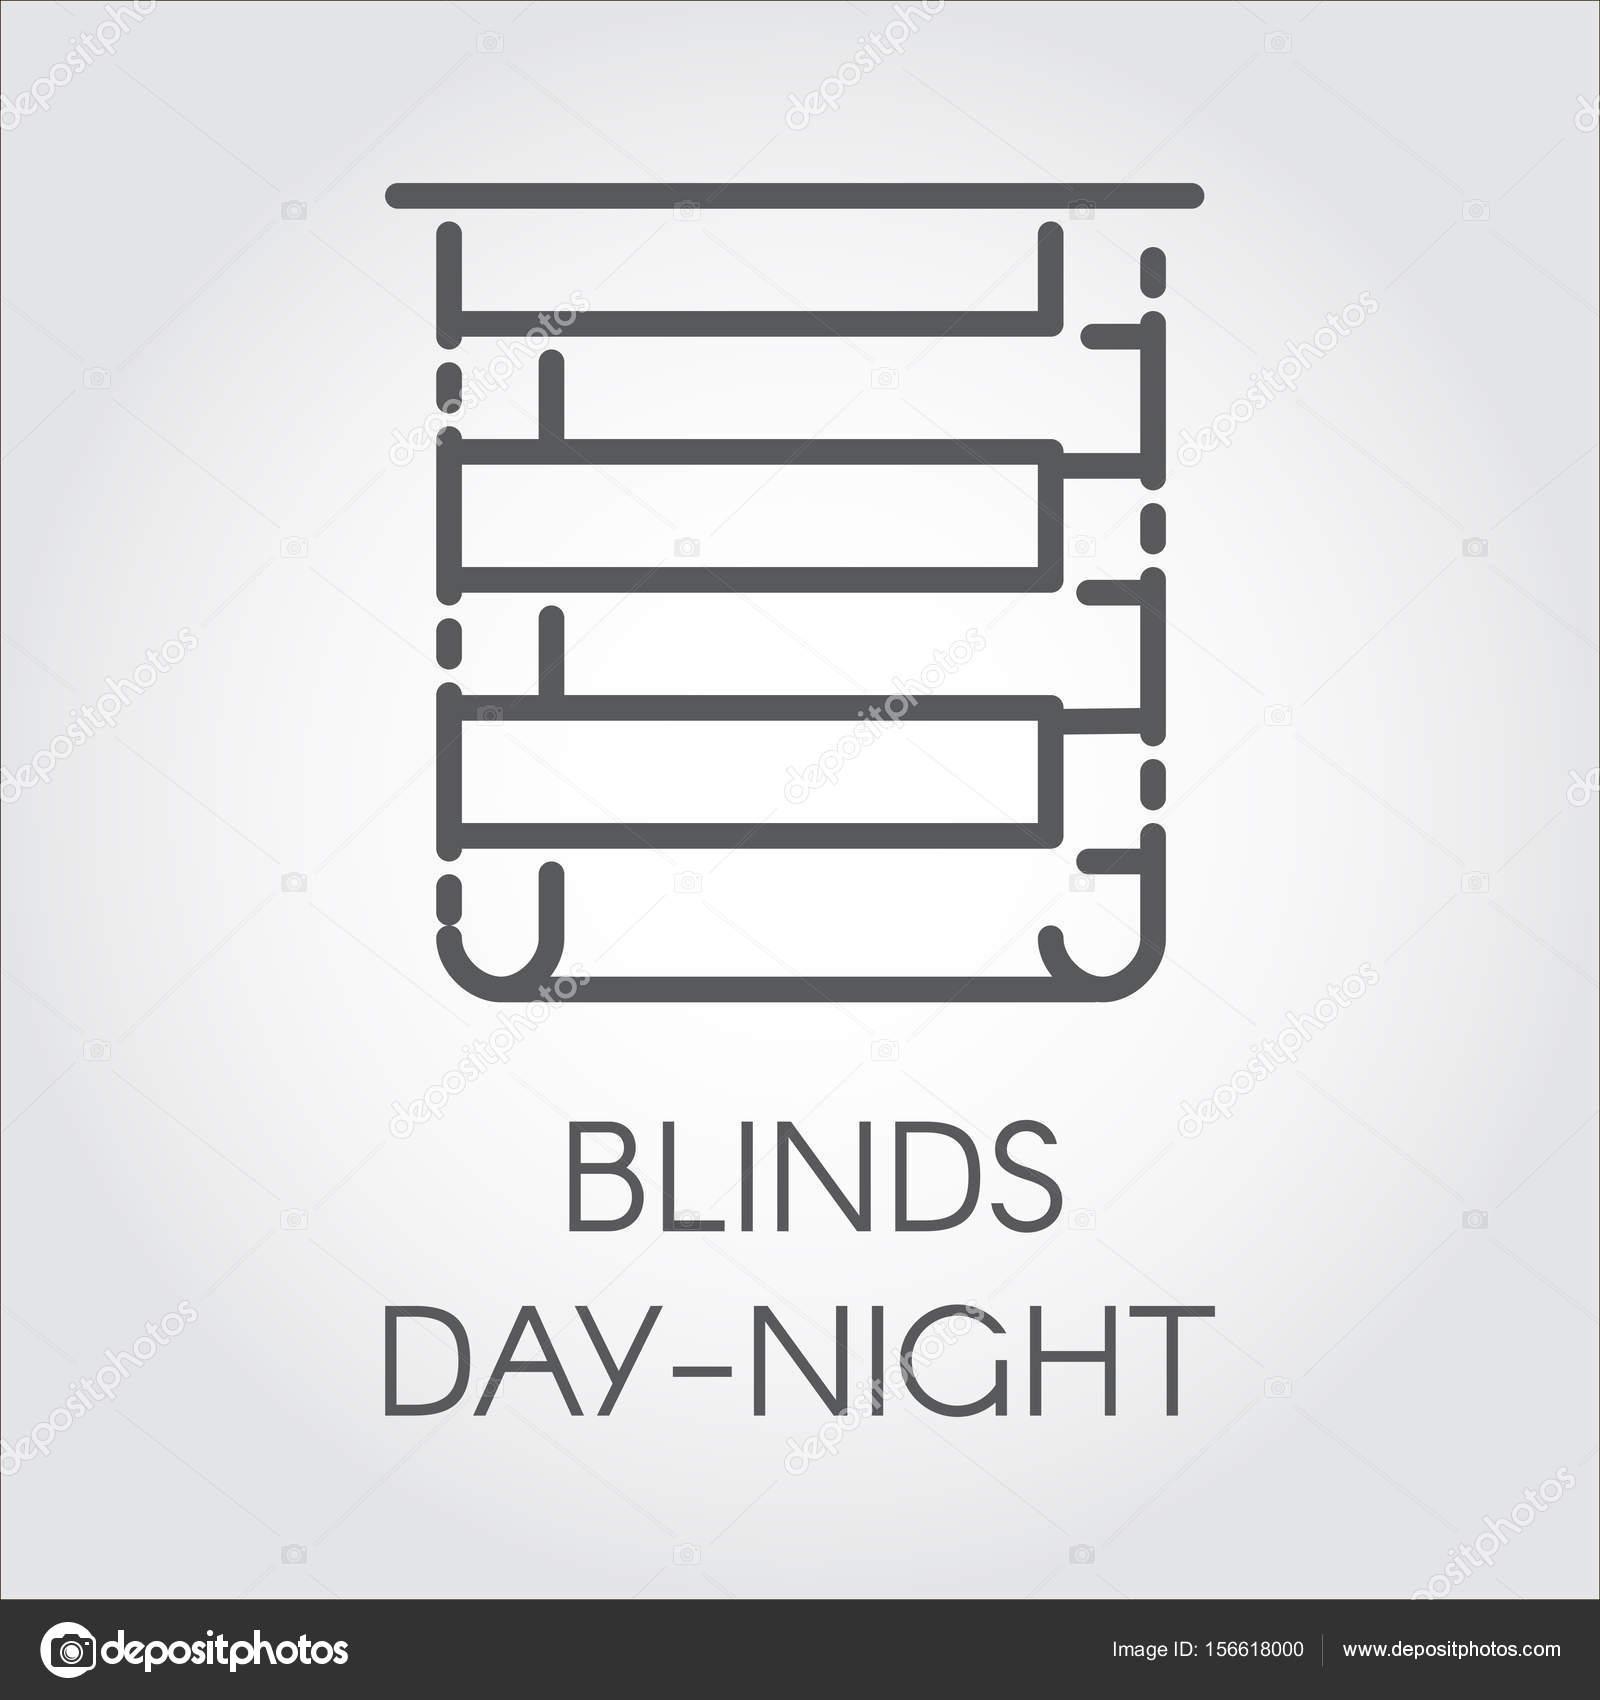 Einfache Linie Jalousien Tag-Nacht-Logo. Piktogramm für Heim und ...